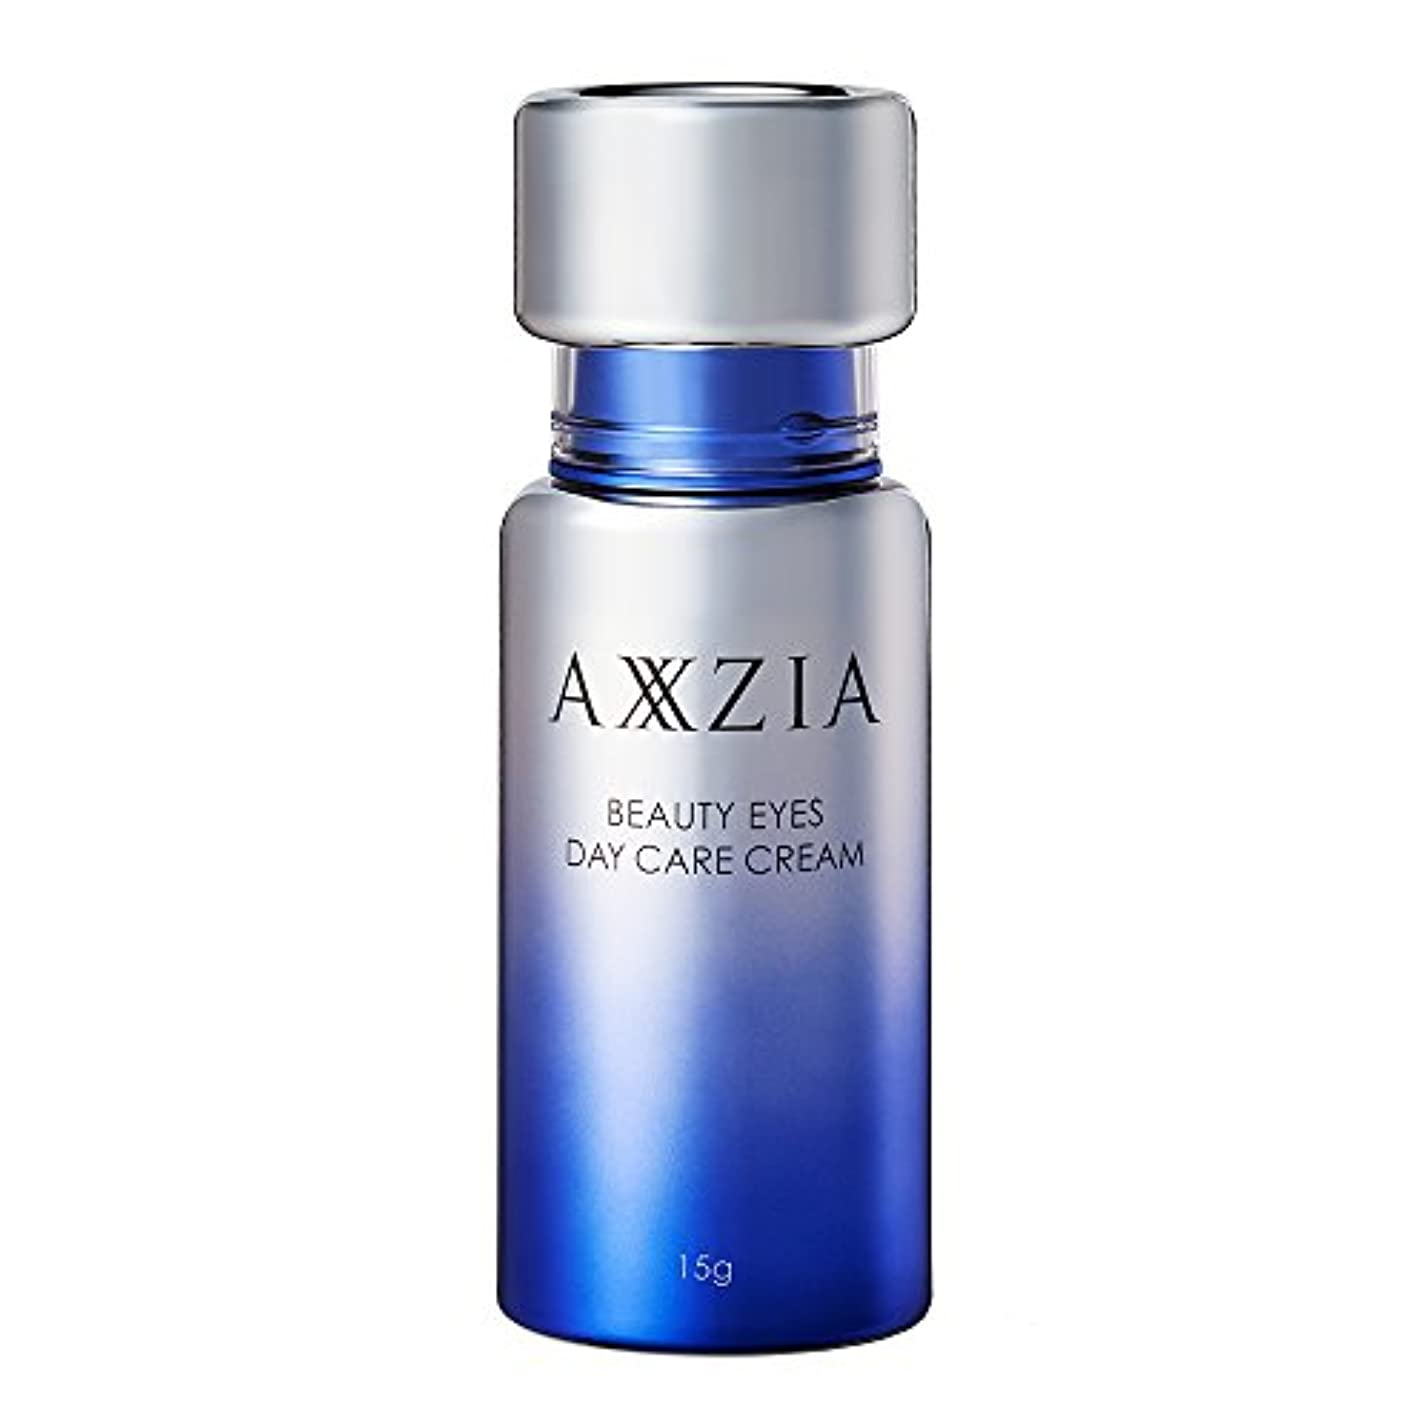 手書きアルファベット不当アクシージア (AXXZIA) ビューティアイズ デイ ケア クリーム 15g | アイクリーム 目の下のたるみ 化粧品 解消 目元のたるみ